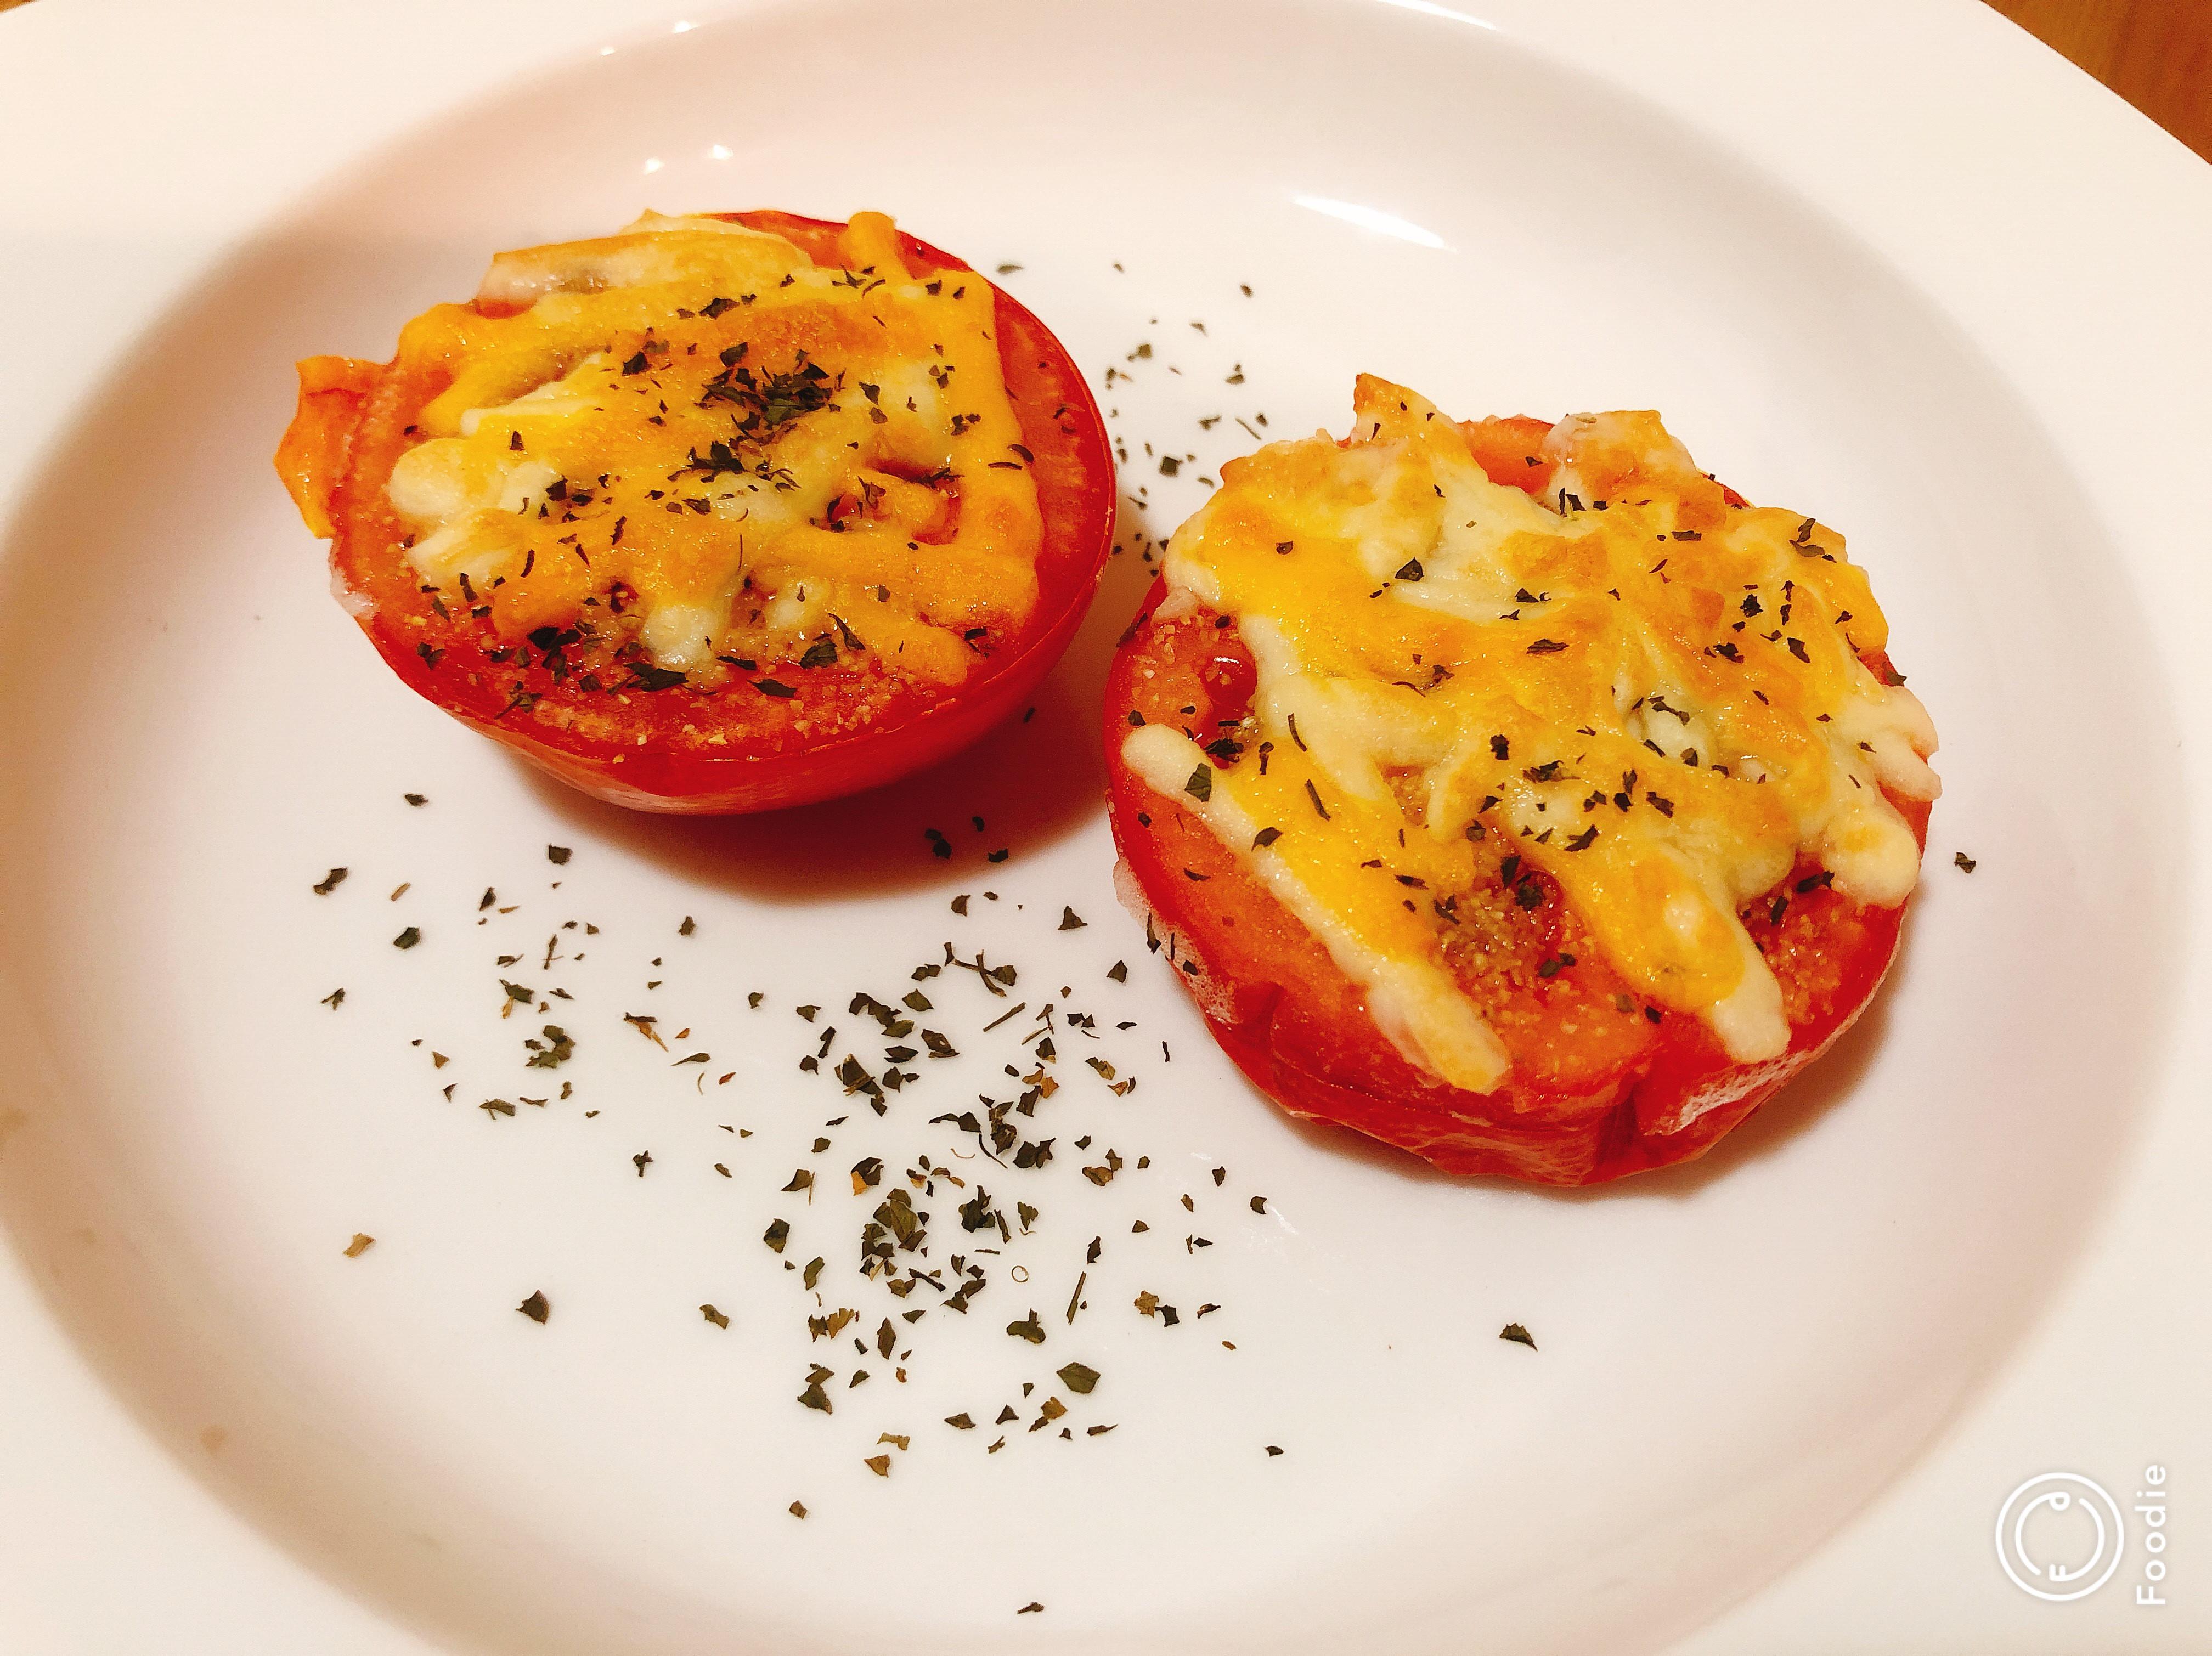 焗烤番茄🍅-全國電子竹東北興氣炸鍋食譜